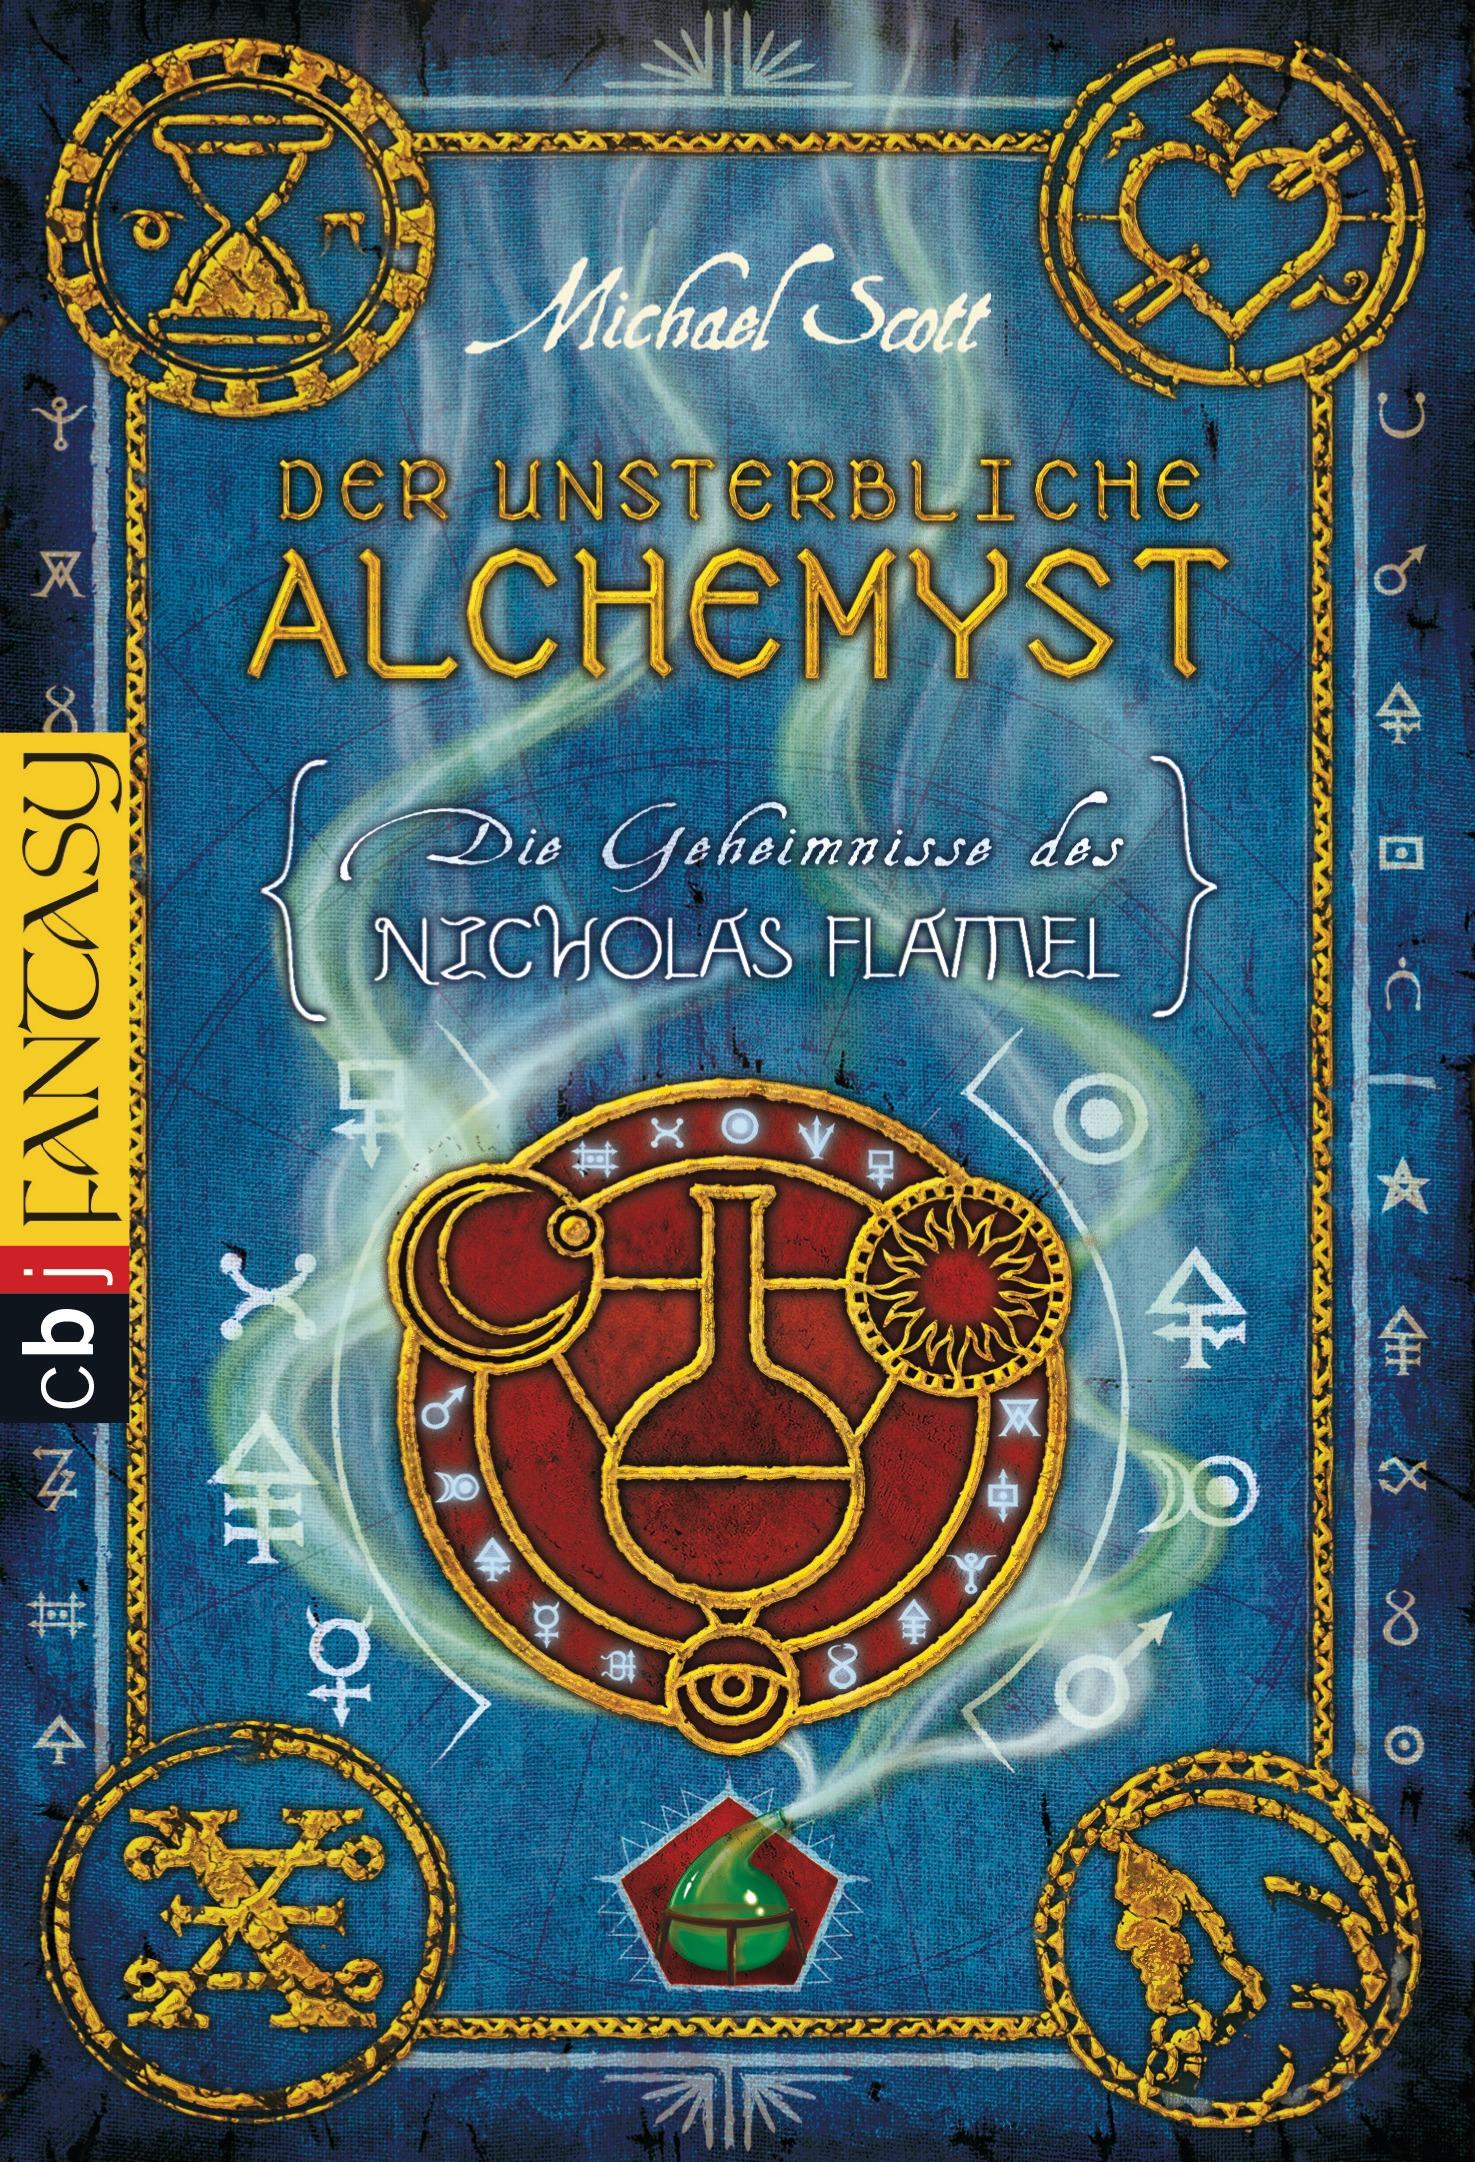 Die Geheimnisse des Nicholas Flamel - Der unsterbliche Alchemyst von Michael Scott